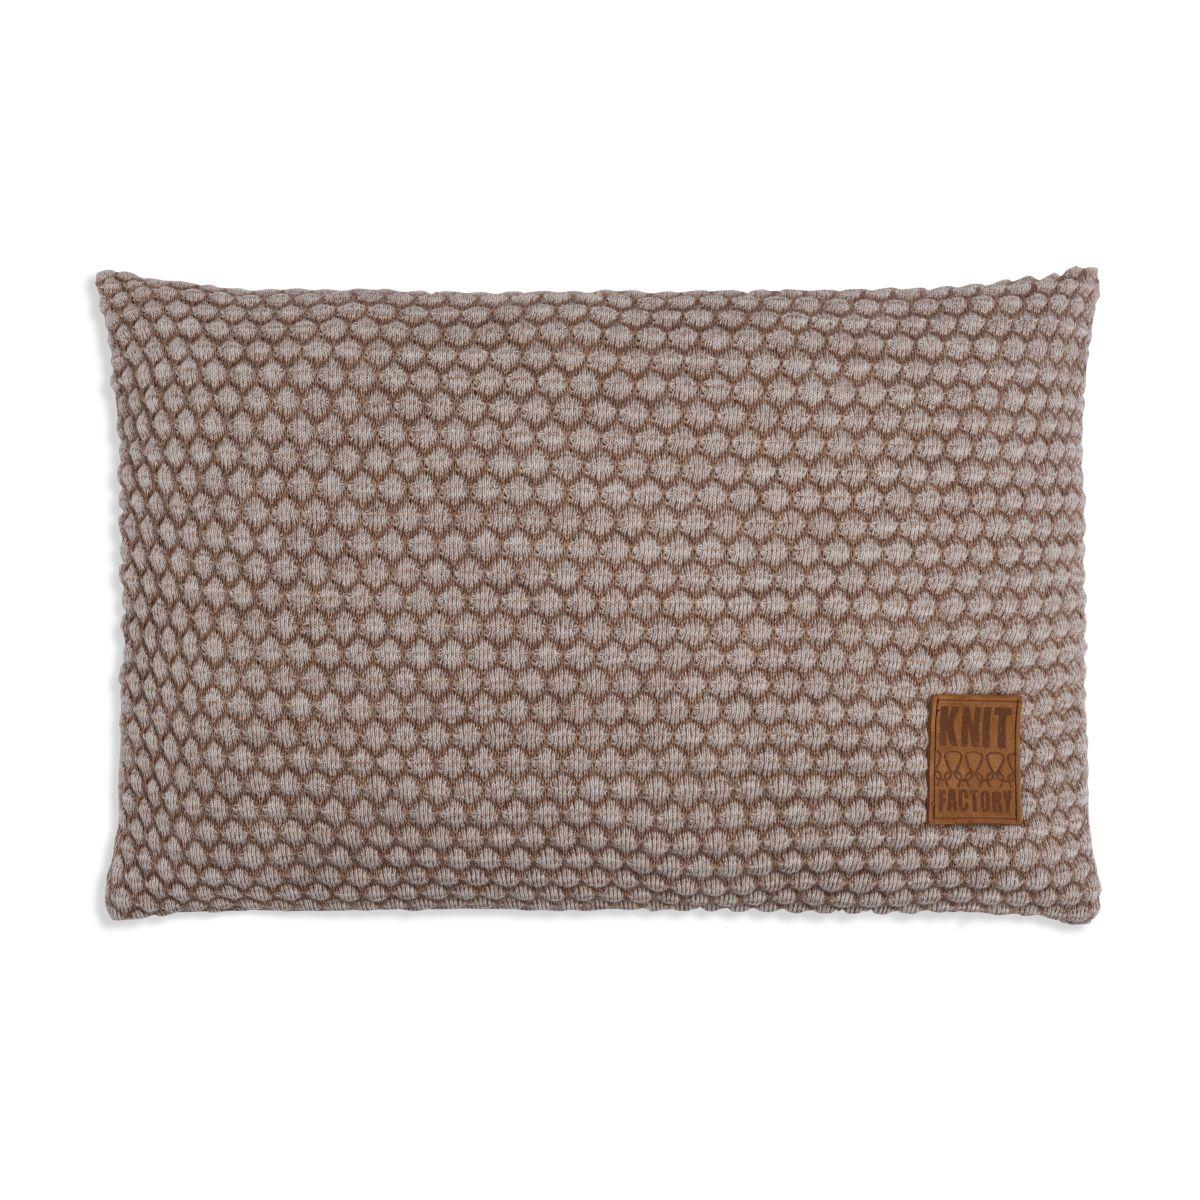 knit factory 1241353 kussen 60x40 juul marron beige 1